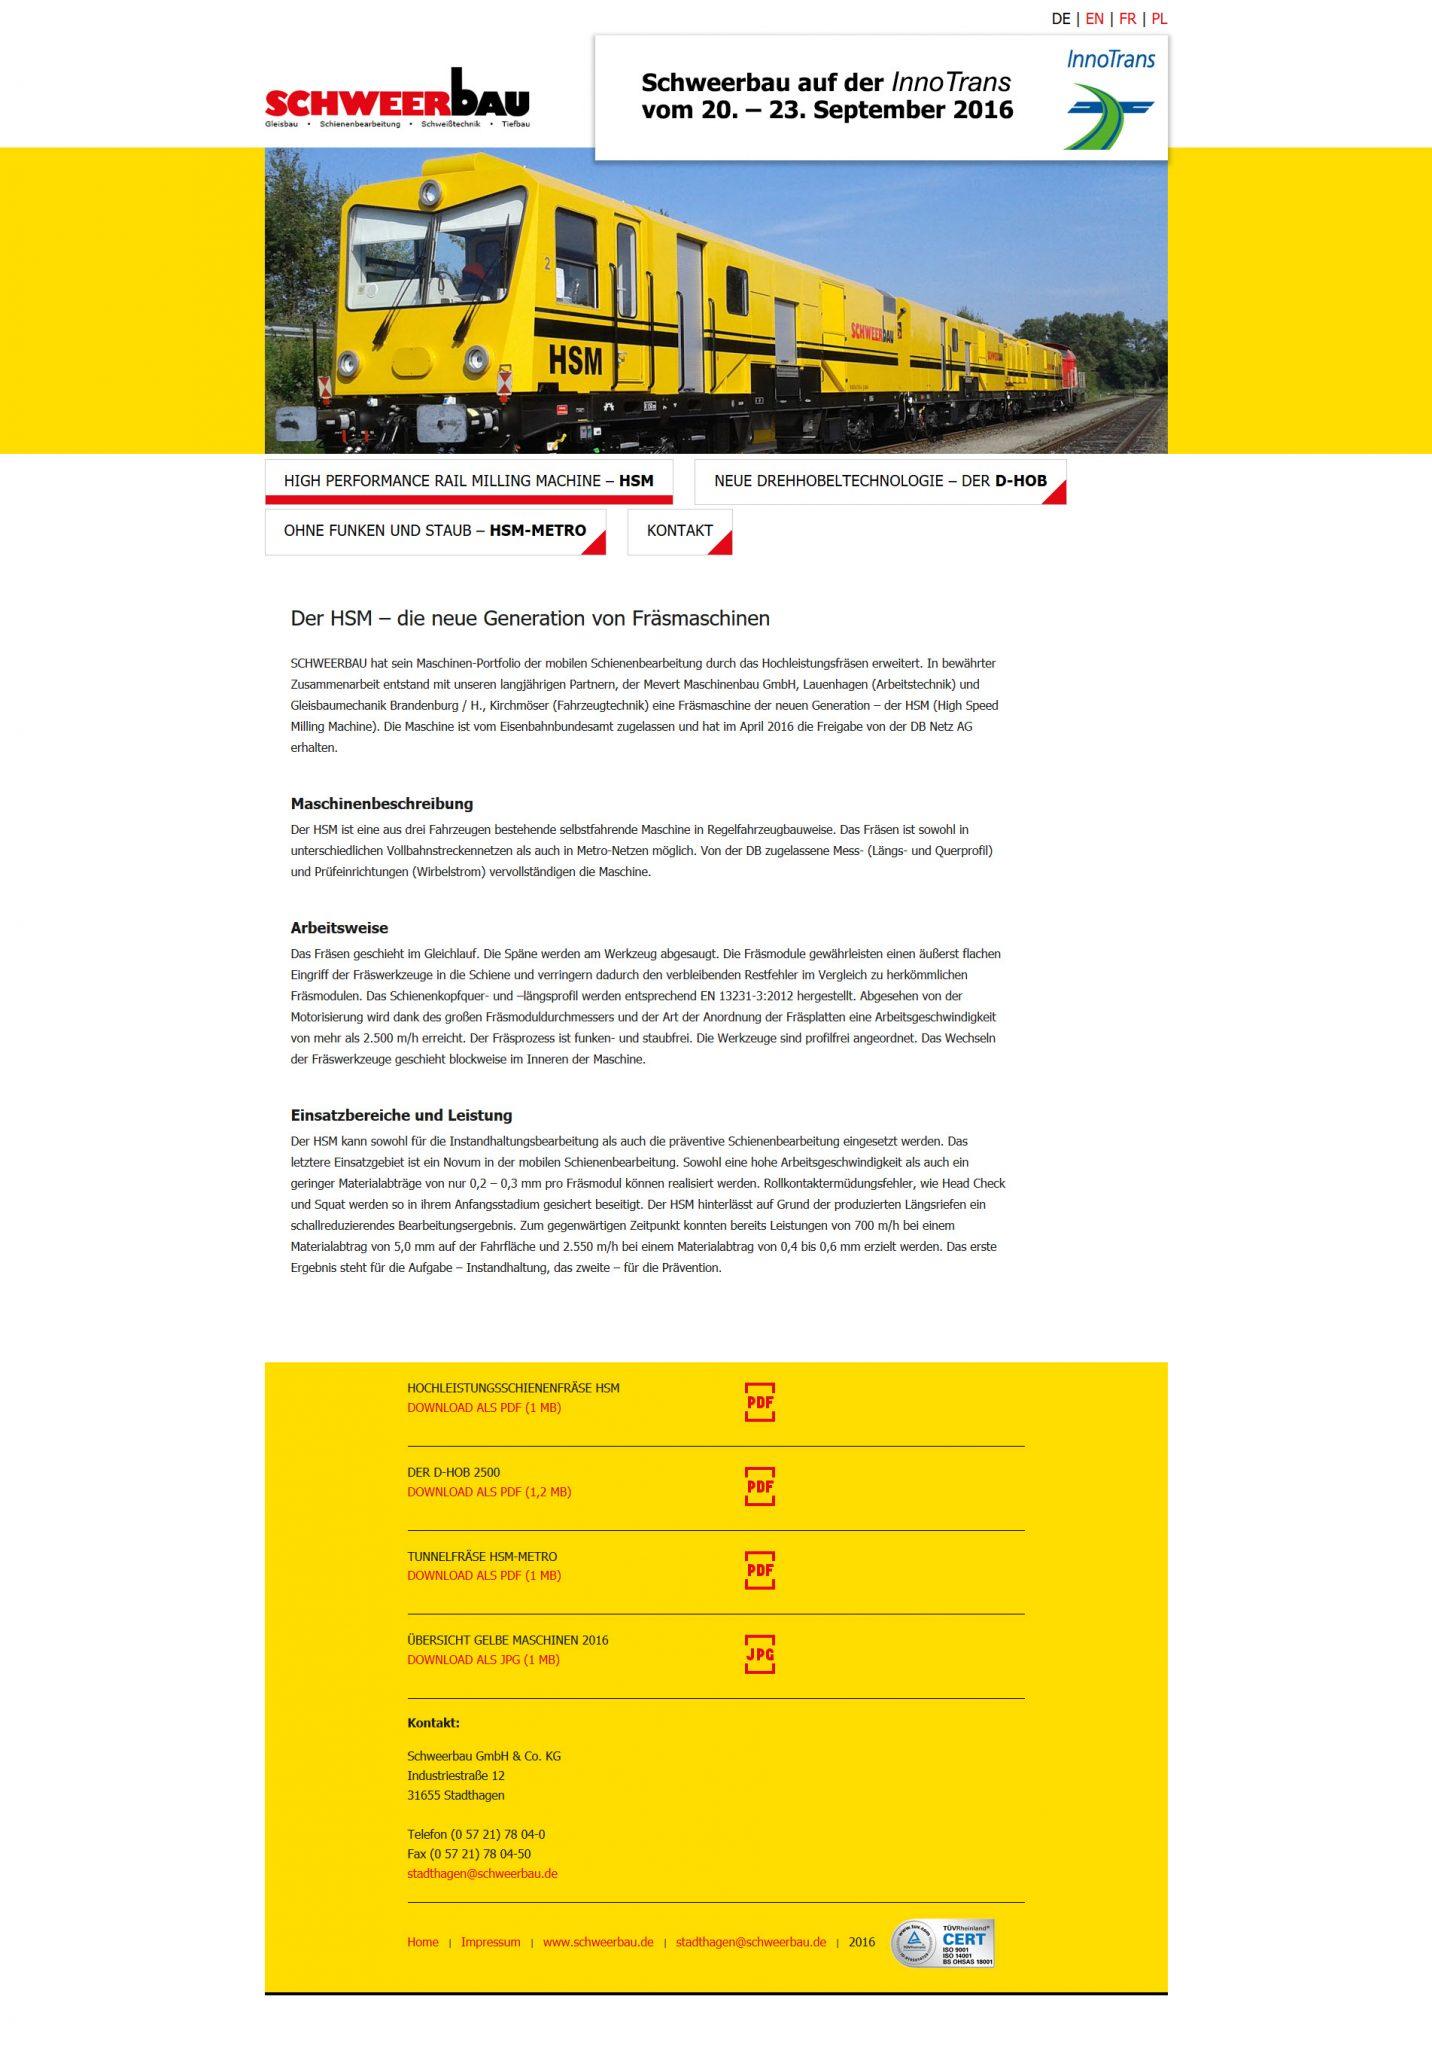 schoenundneu - schweerbau Website zur InnoTrans 2016